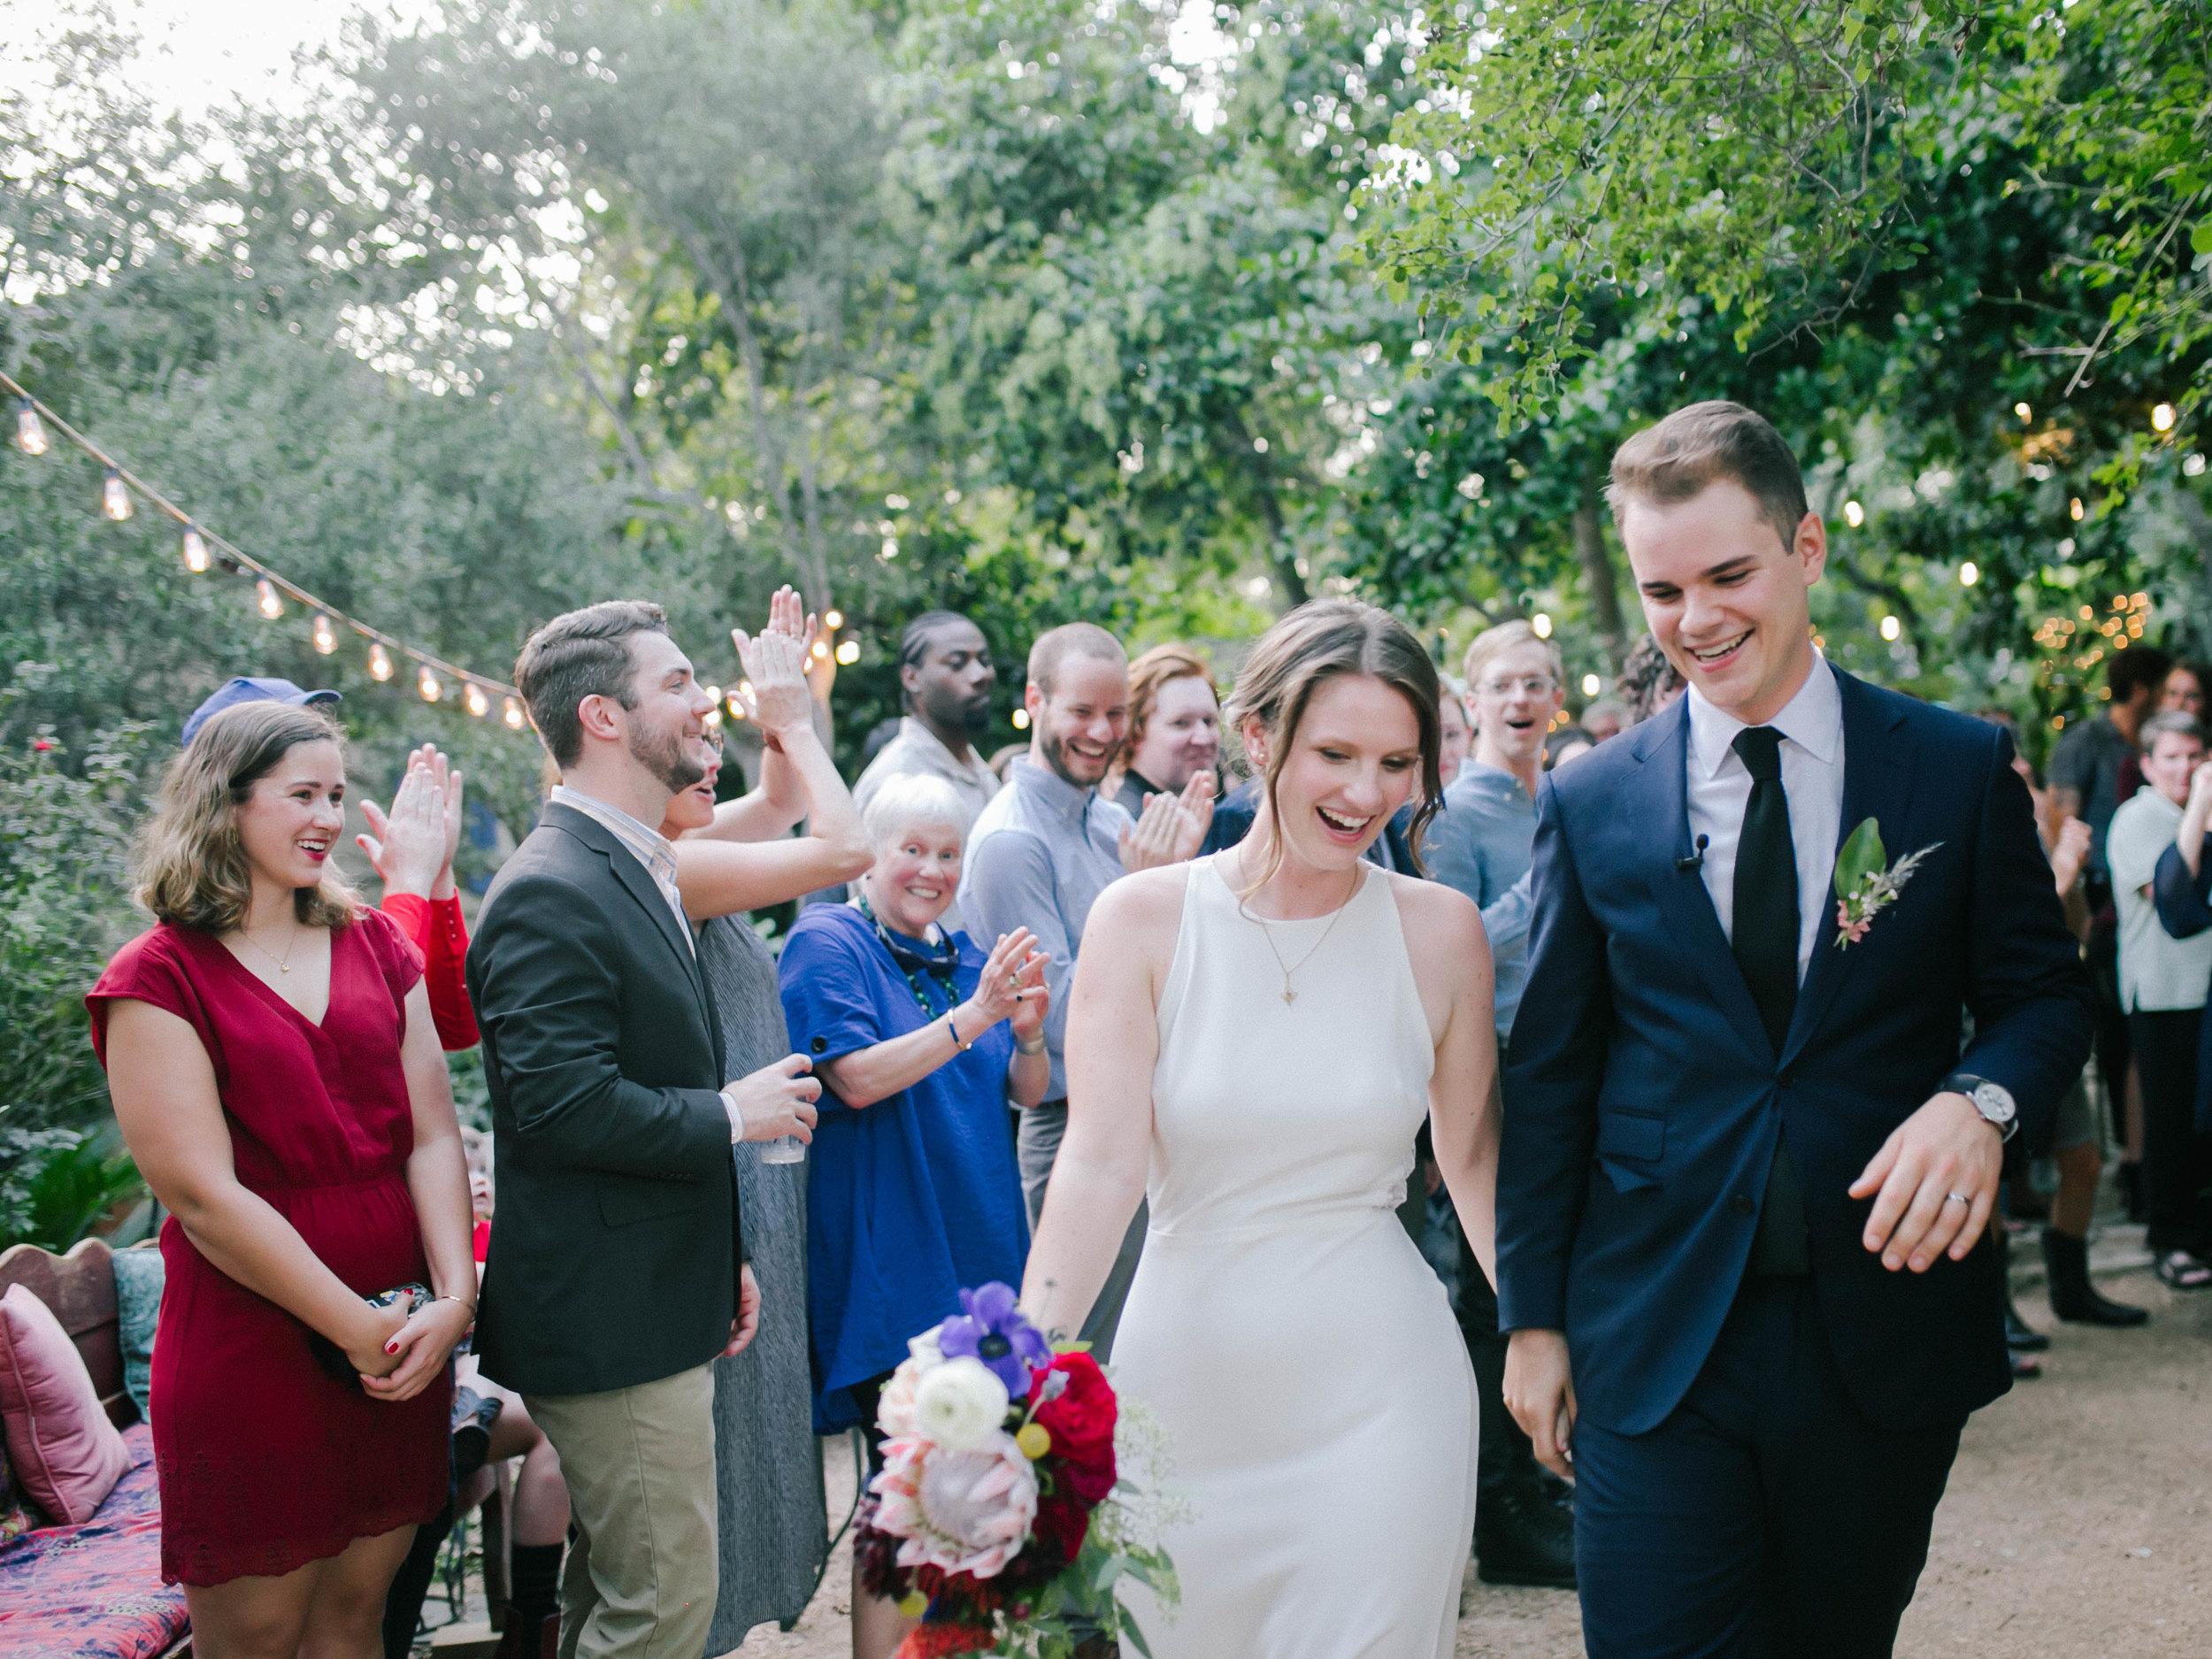 Alex-Kyrany-Wedding-Jennifers-Gardens-370.jpg